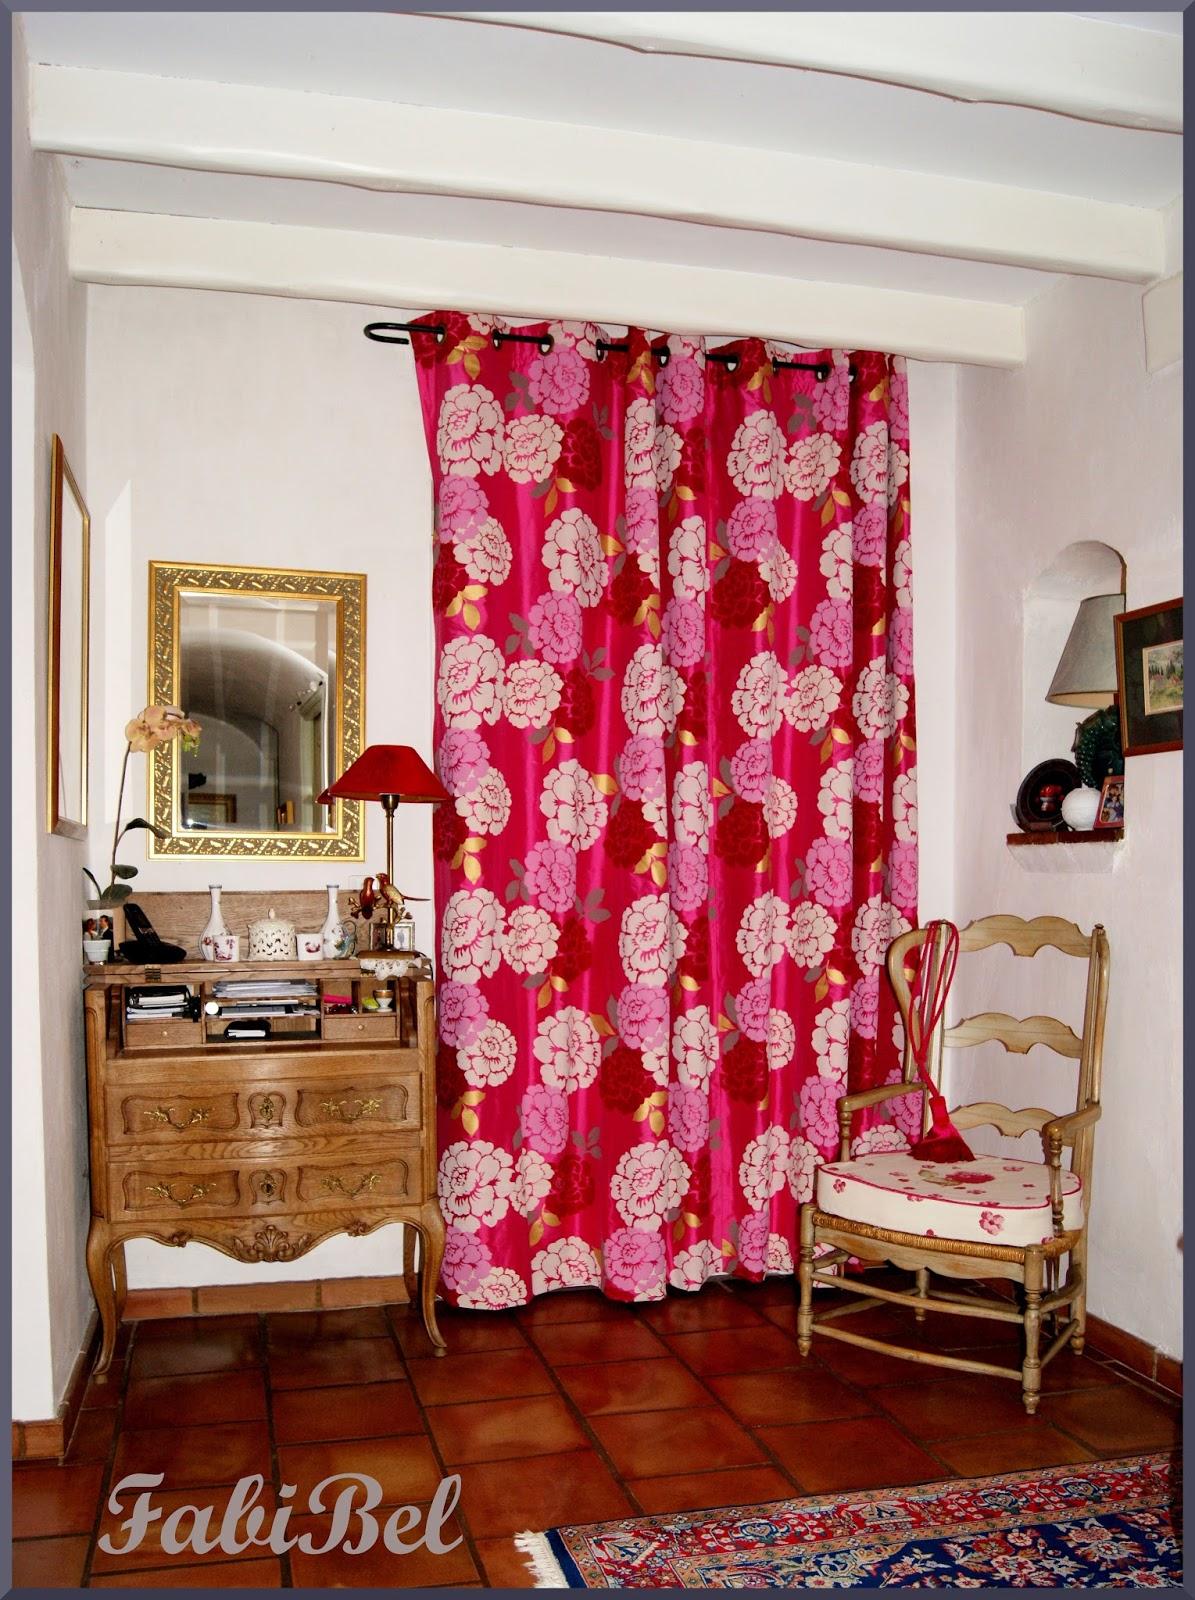 pipounet et poupinette comment poser des illets sur un rideau. Black Bedroom Furniture Sets. Home Design Ideas